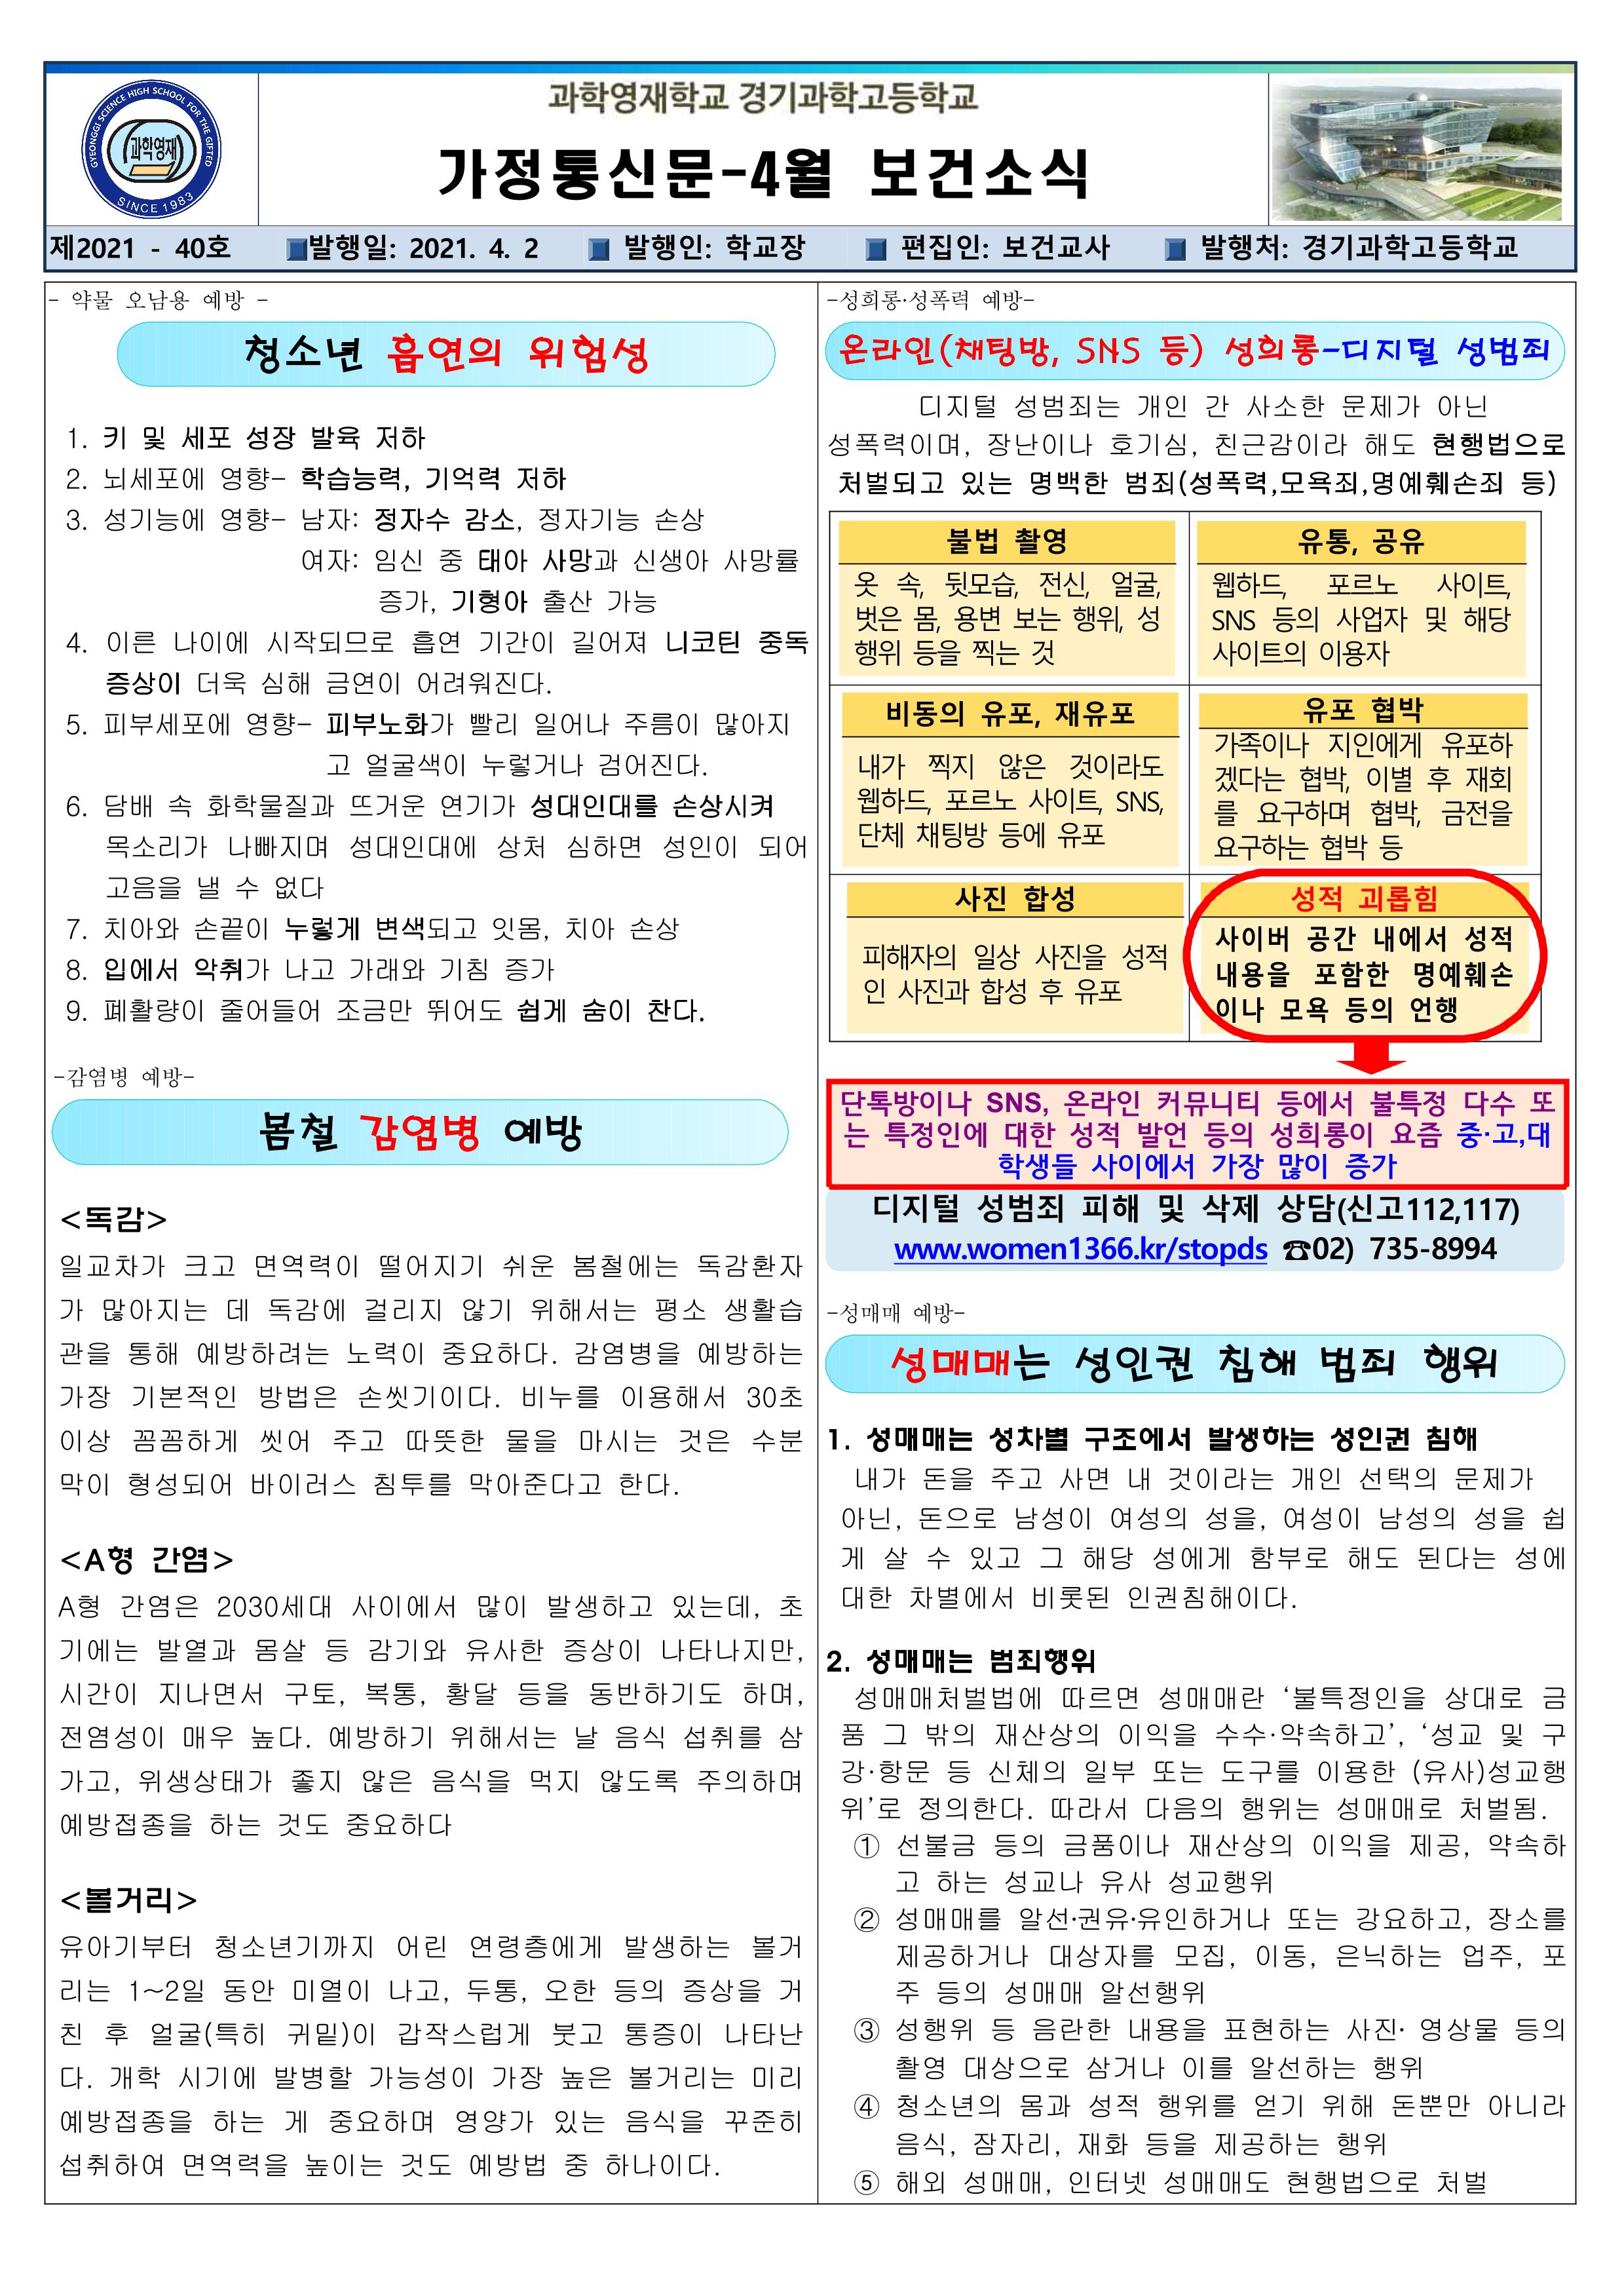 4월 보건소식(가정통신문) 1Page.